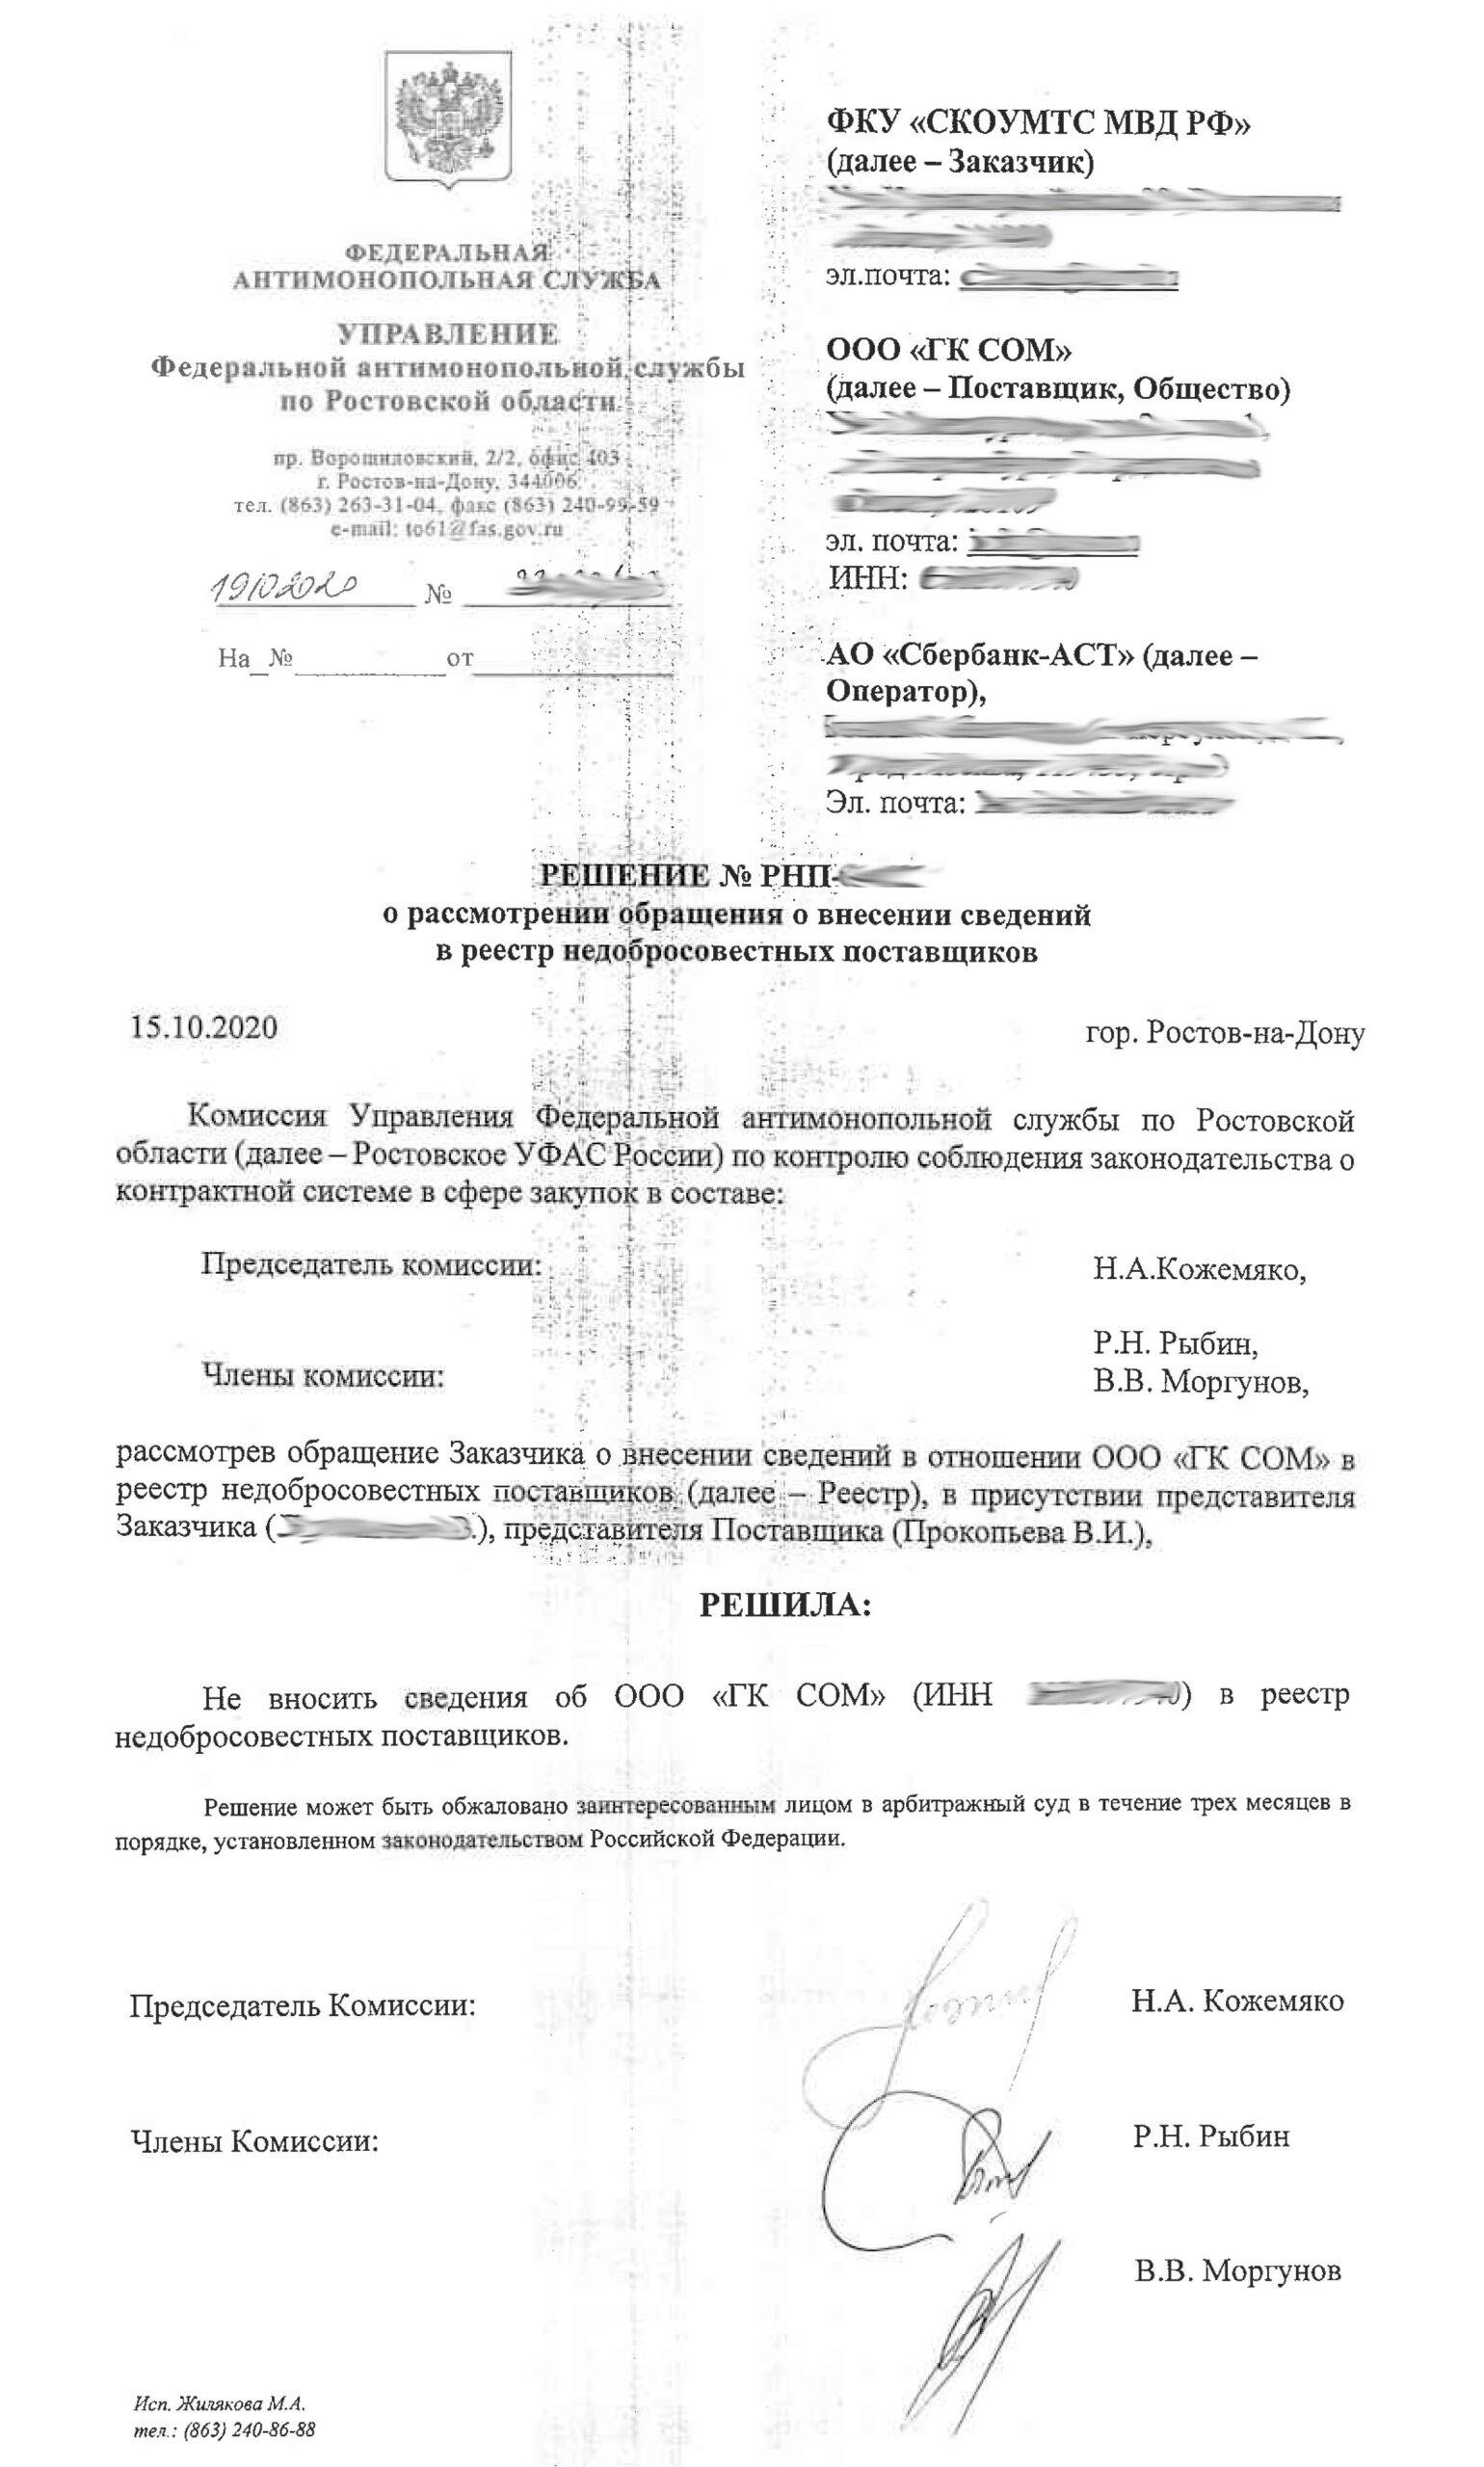 Ростовское УФАС ООО ГК СОМ